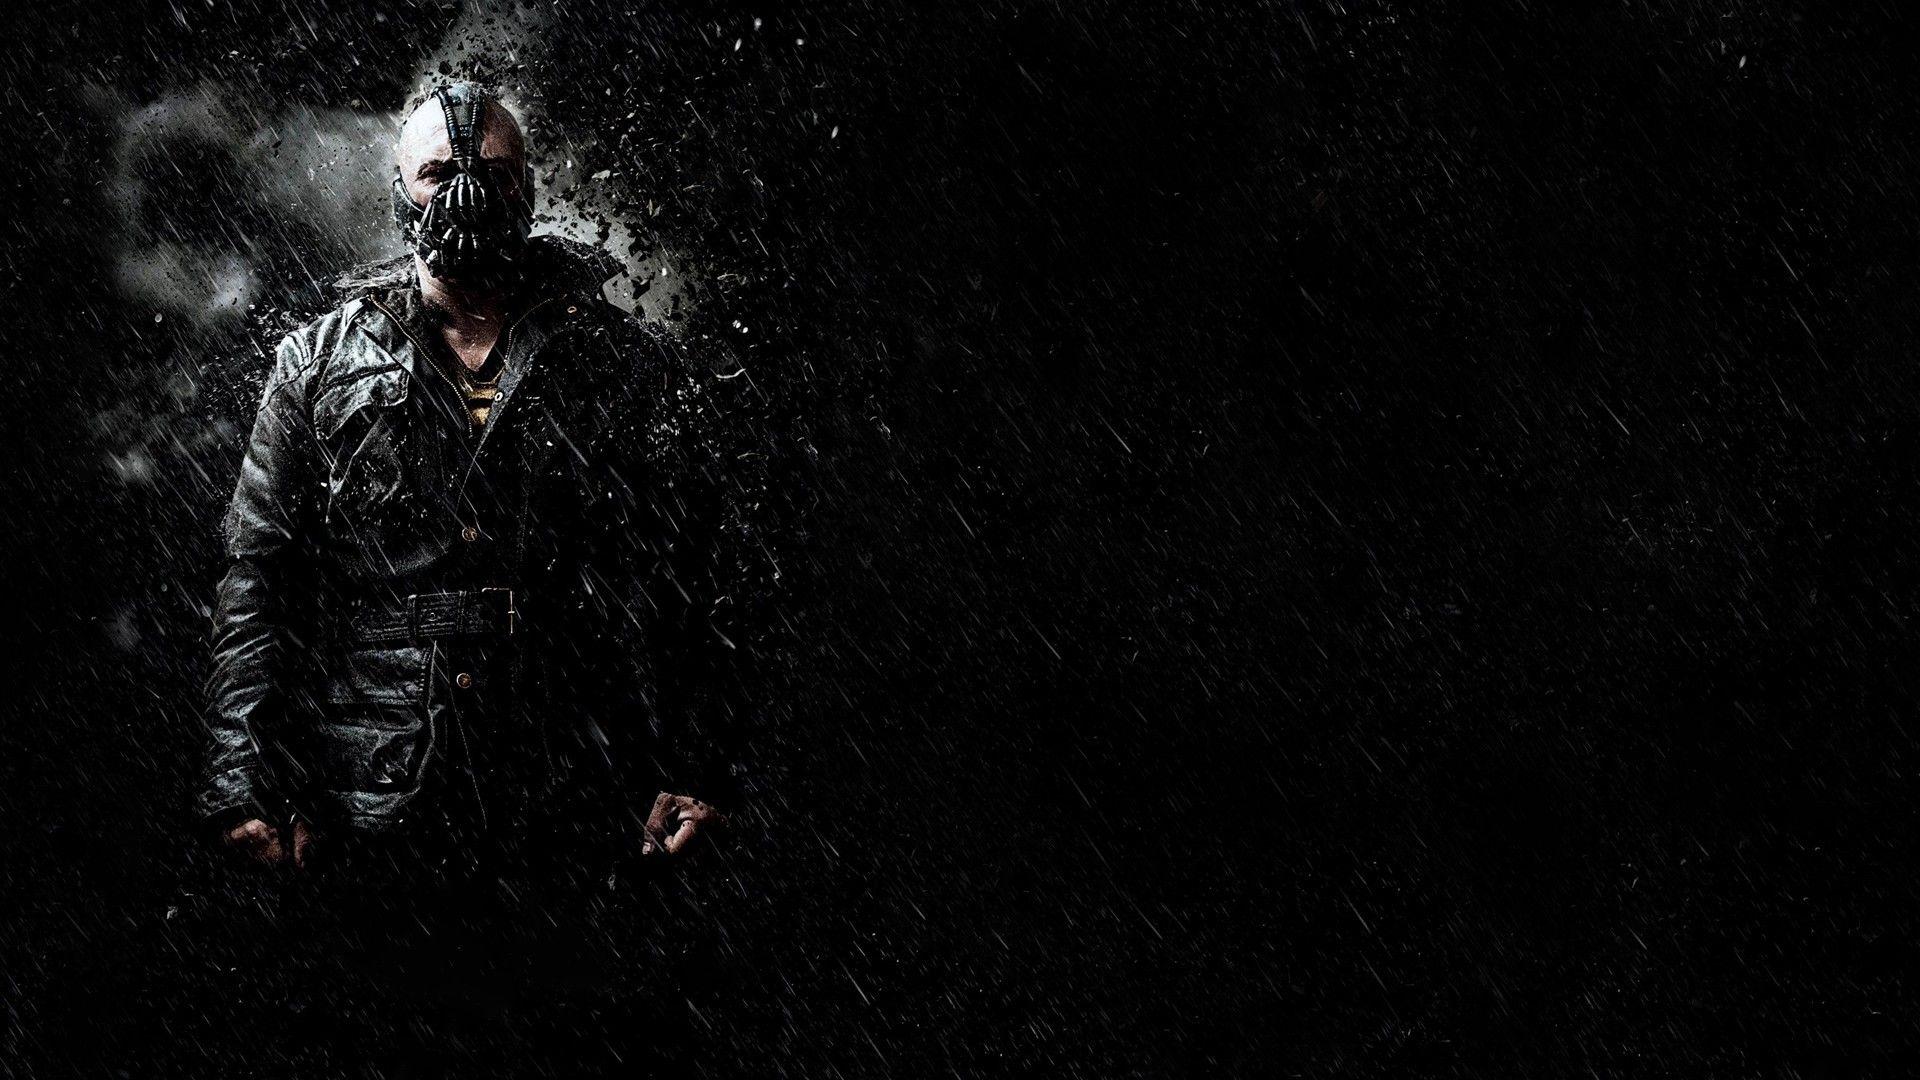 Download Top Dark Wallpapers Hd Dark Desktop Backgrounds Dark